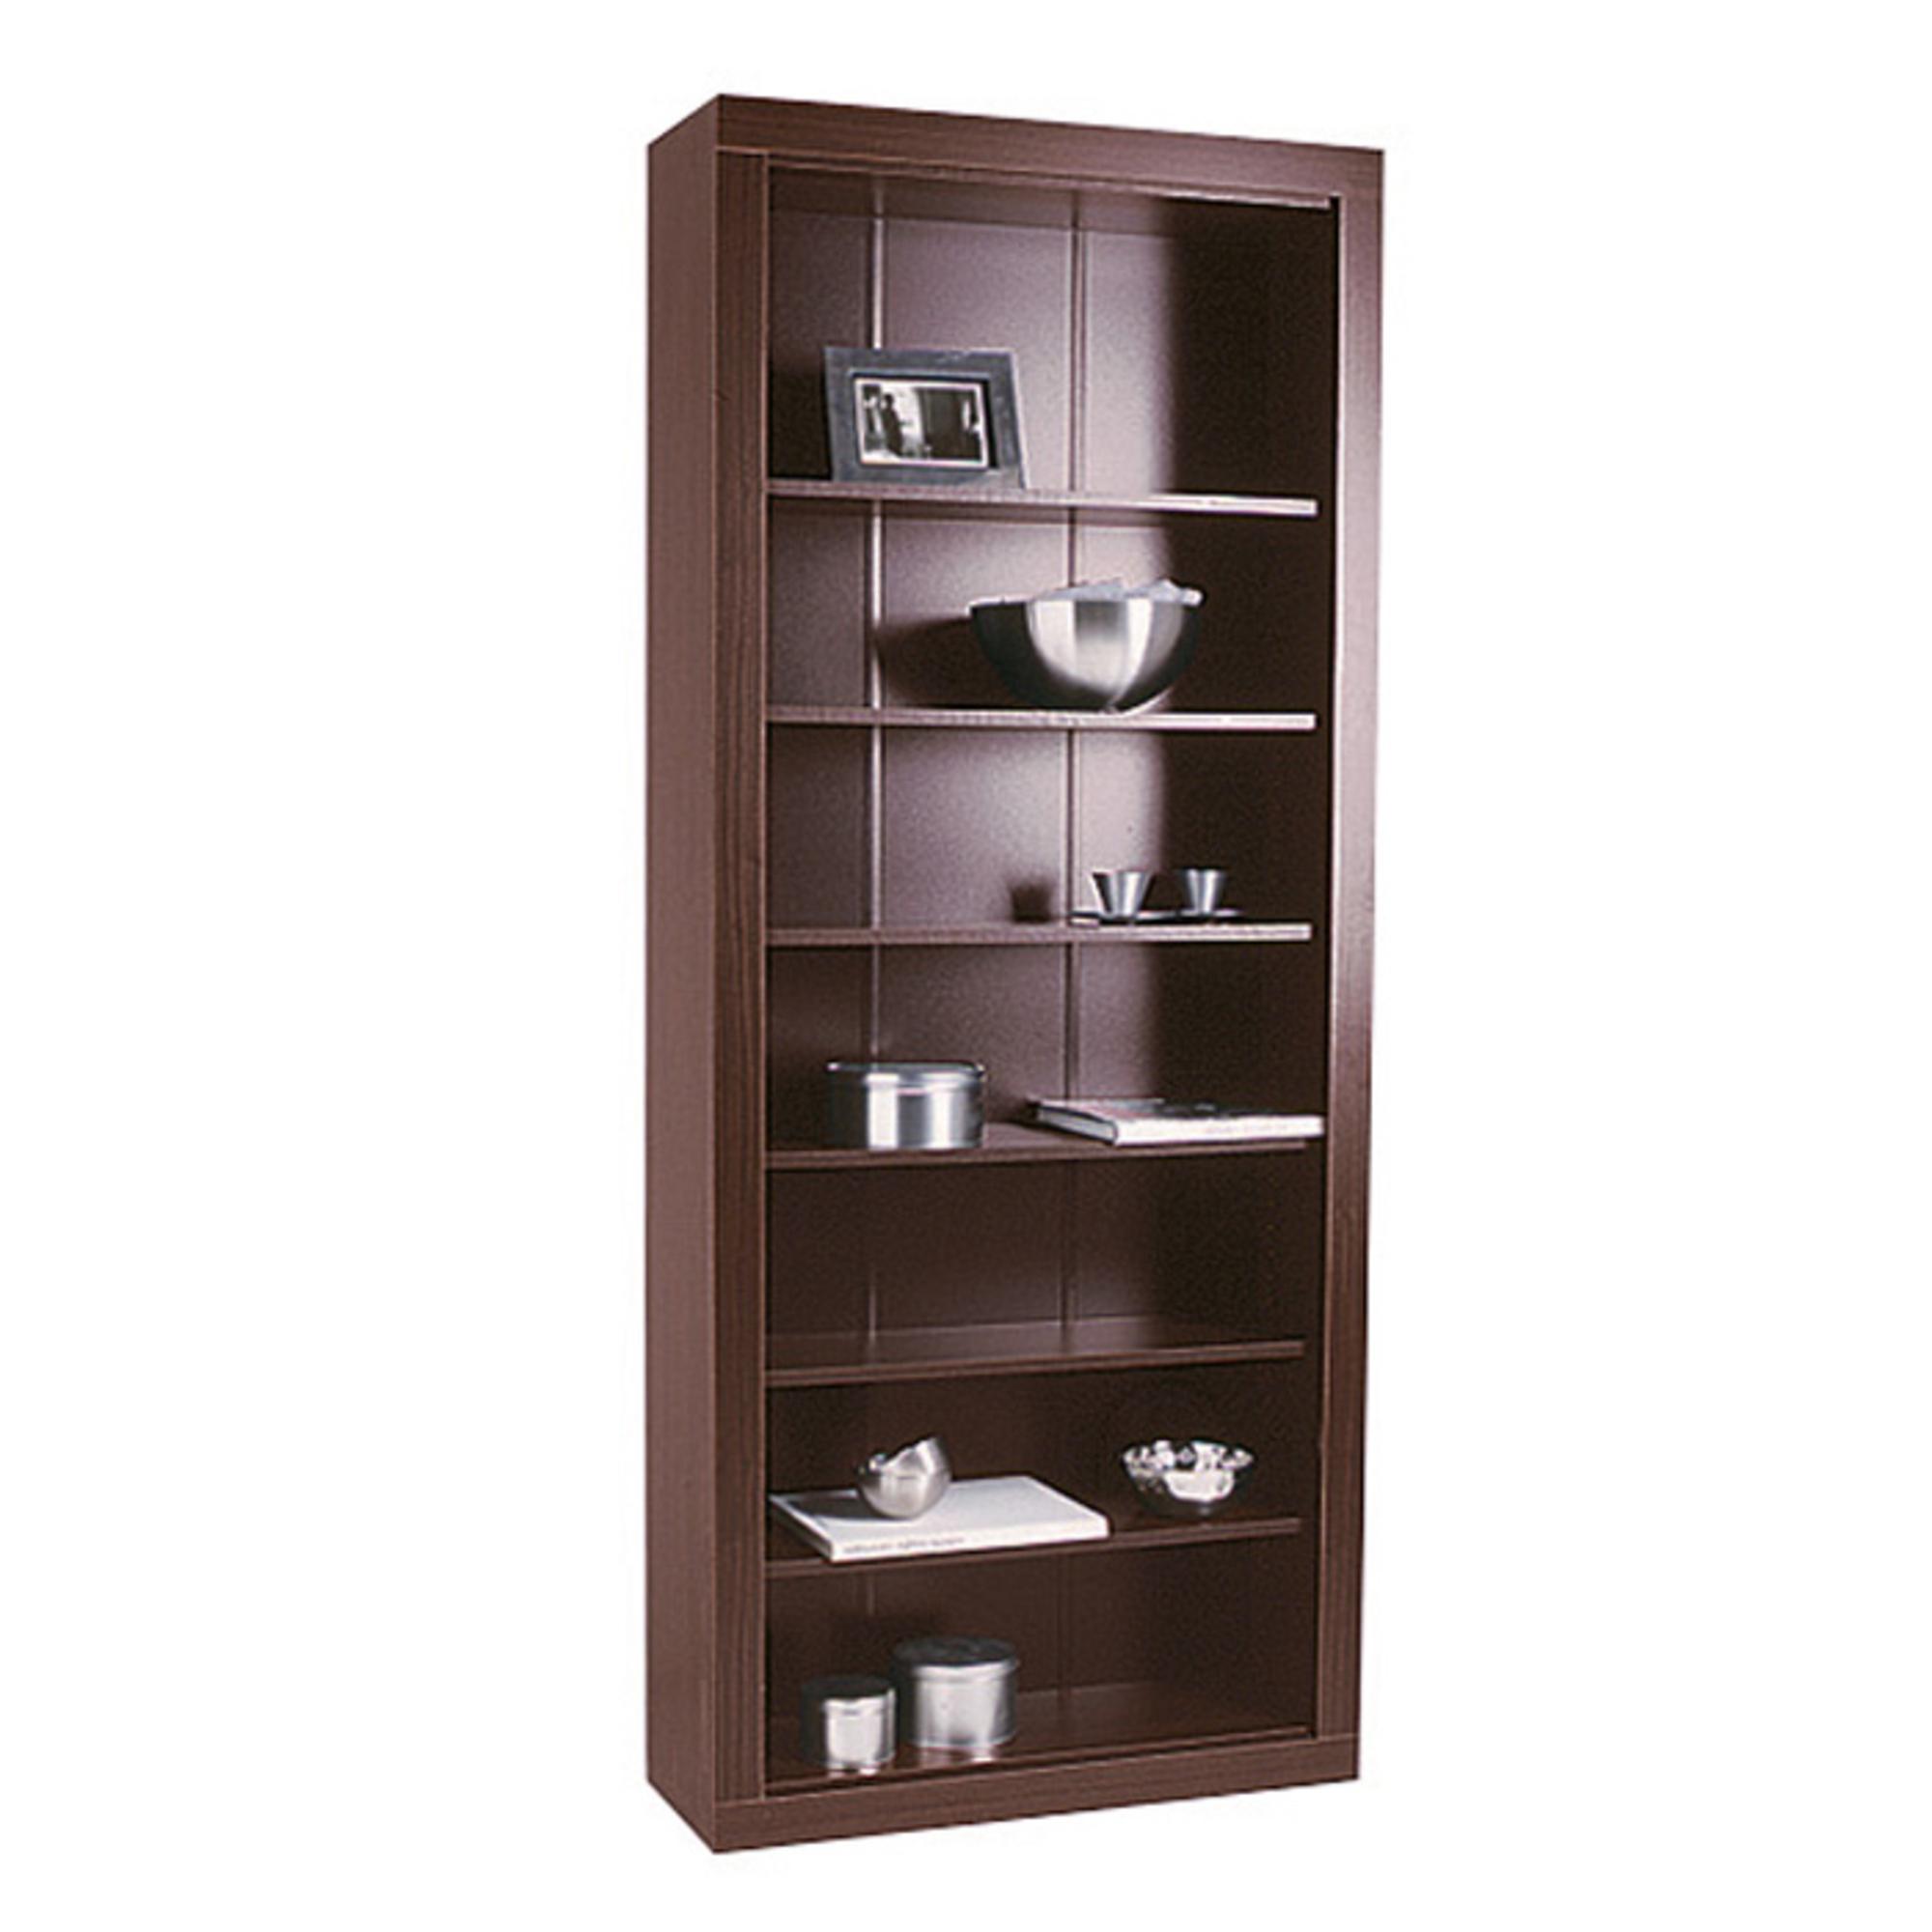 biblioth que hauteur 200 cm oxo weng frais de traitement de commande offerts acheter ce. Black Bedroom Furniture Sets. Home Design Ideas